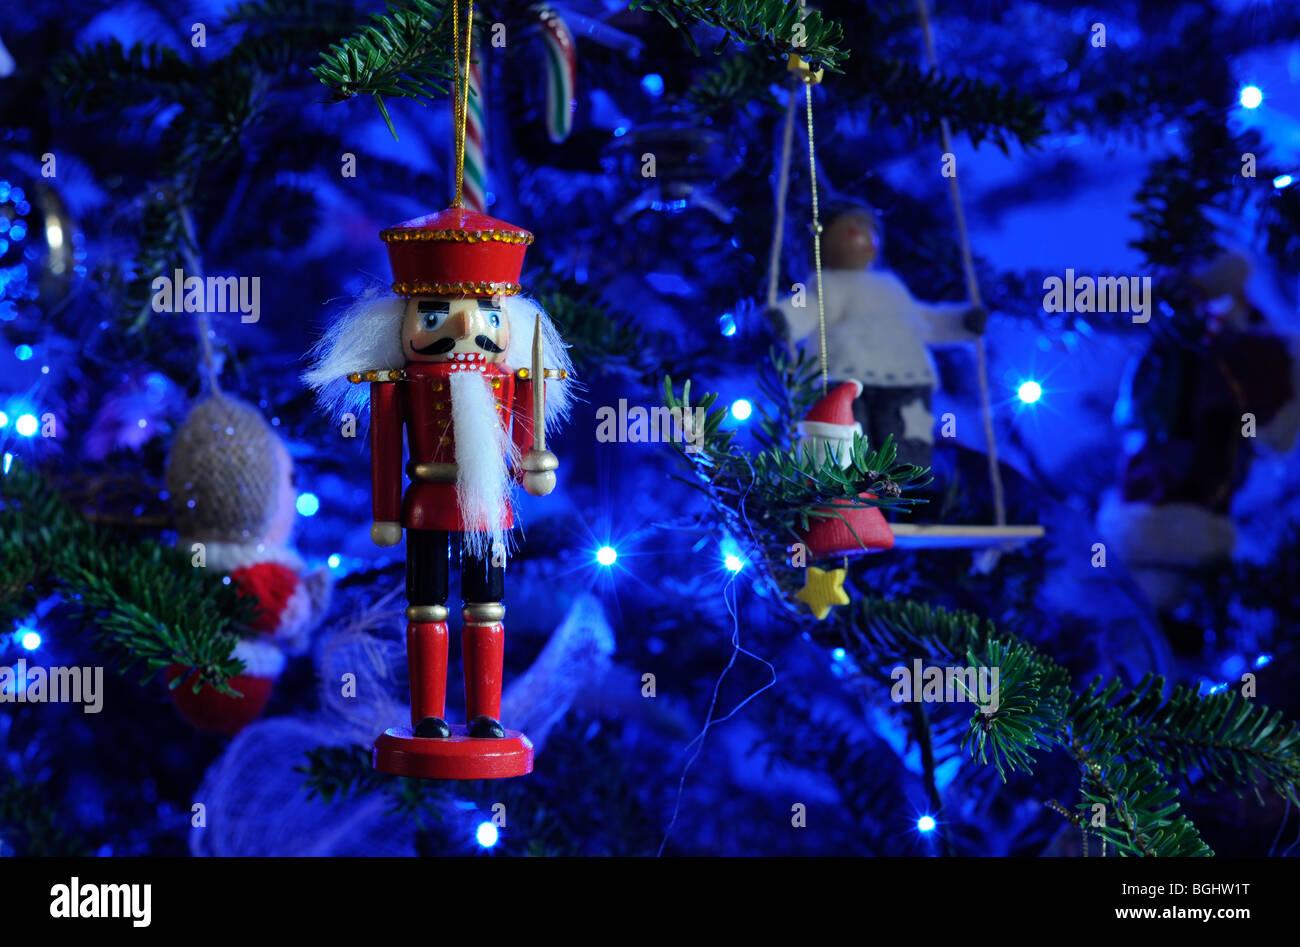 Decorazioni In Legno Per Albero Di Natale : Un tradizionale in legno soldato schiaccianoci decorazione per